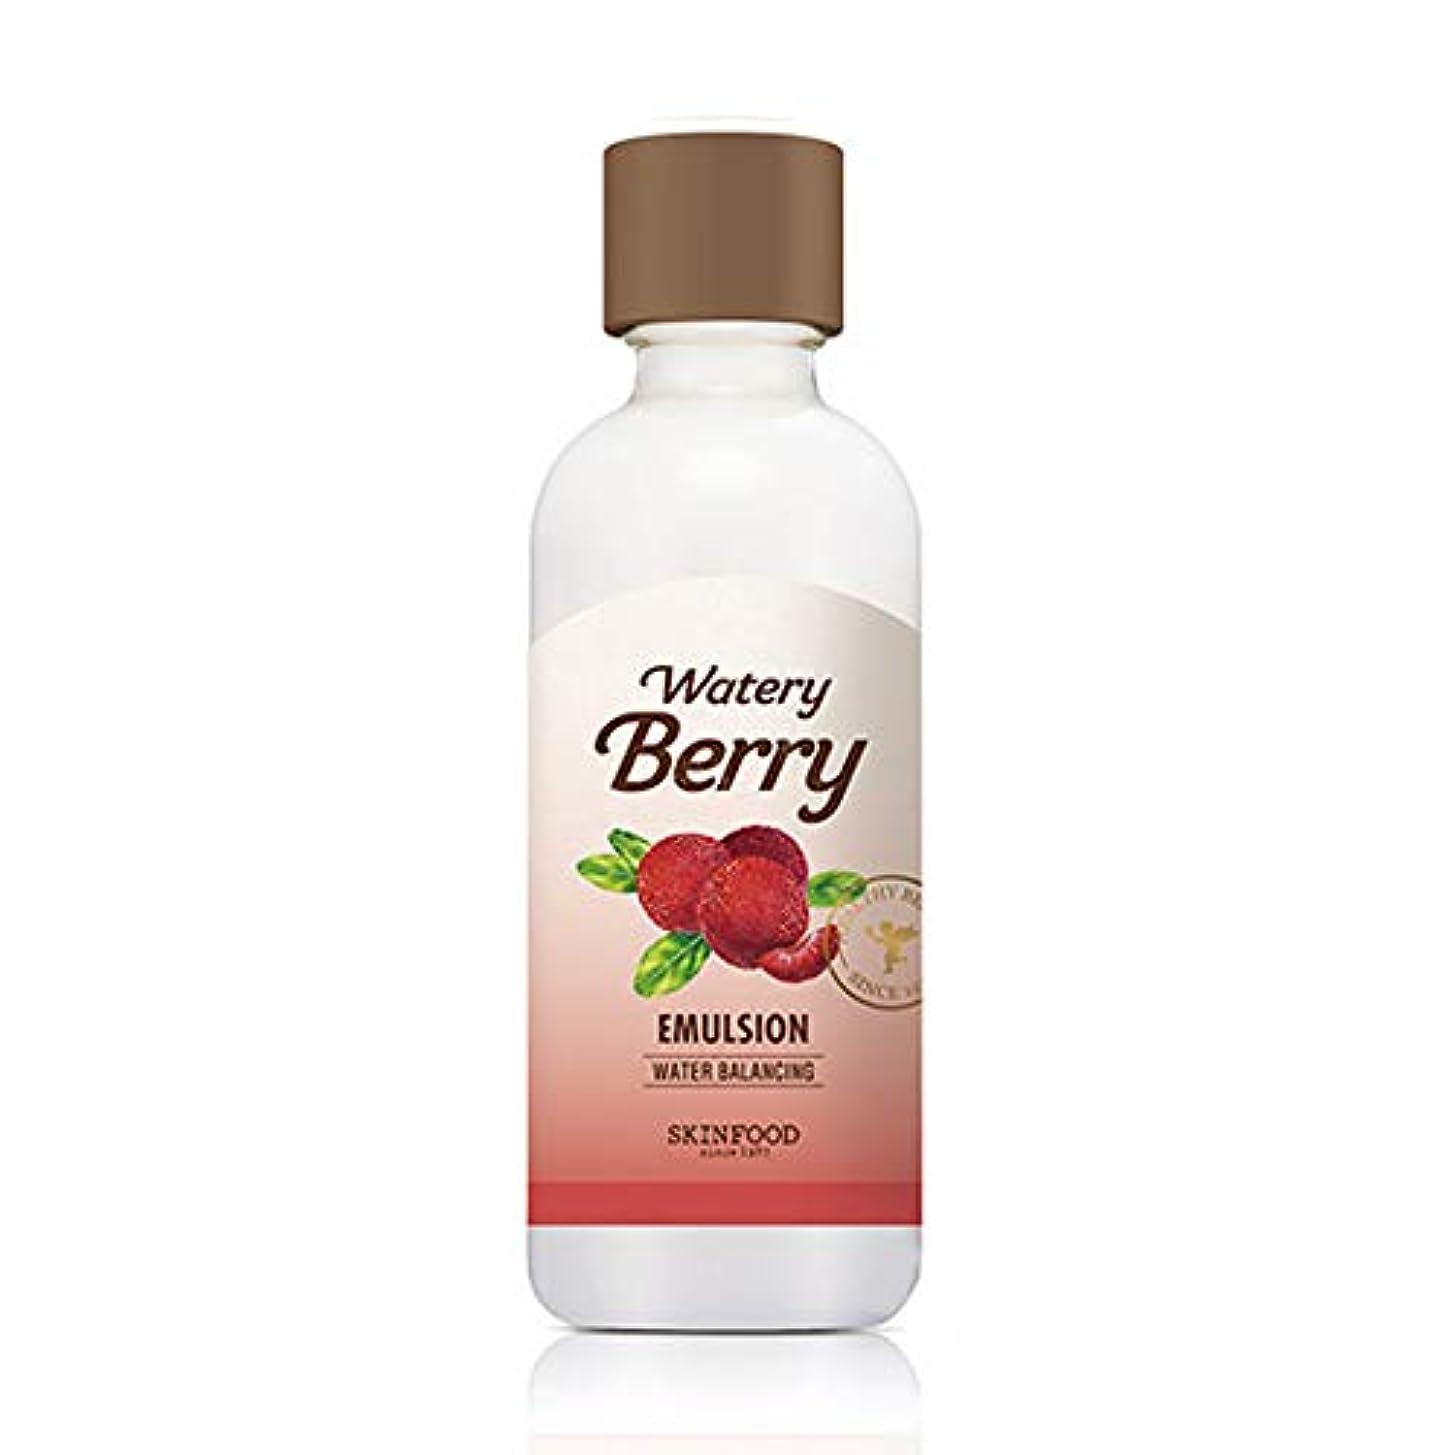 ハシー塩辛いネズミSkinfood 水っぽい新鮮なエマルジョン/watery berry fresh emulsion 160ml [並行輸入品]